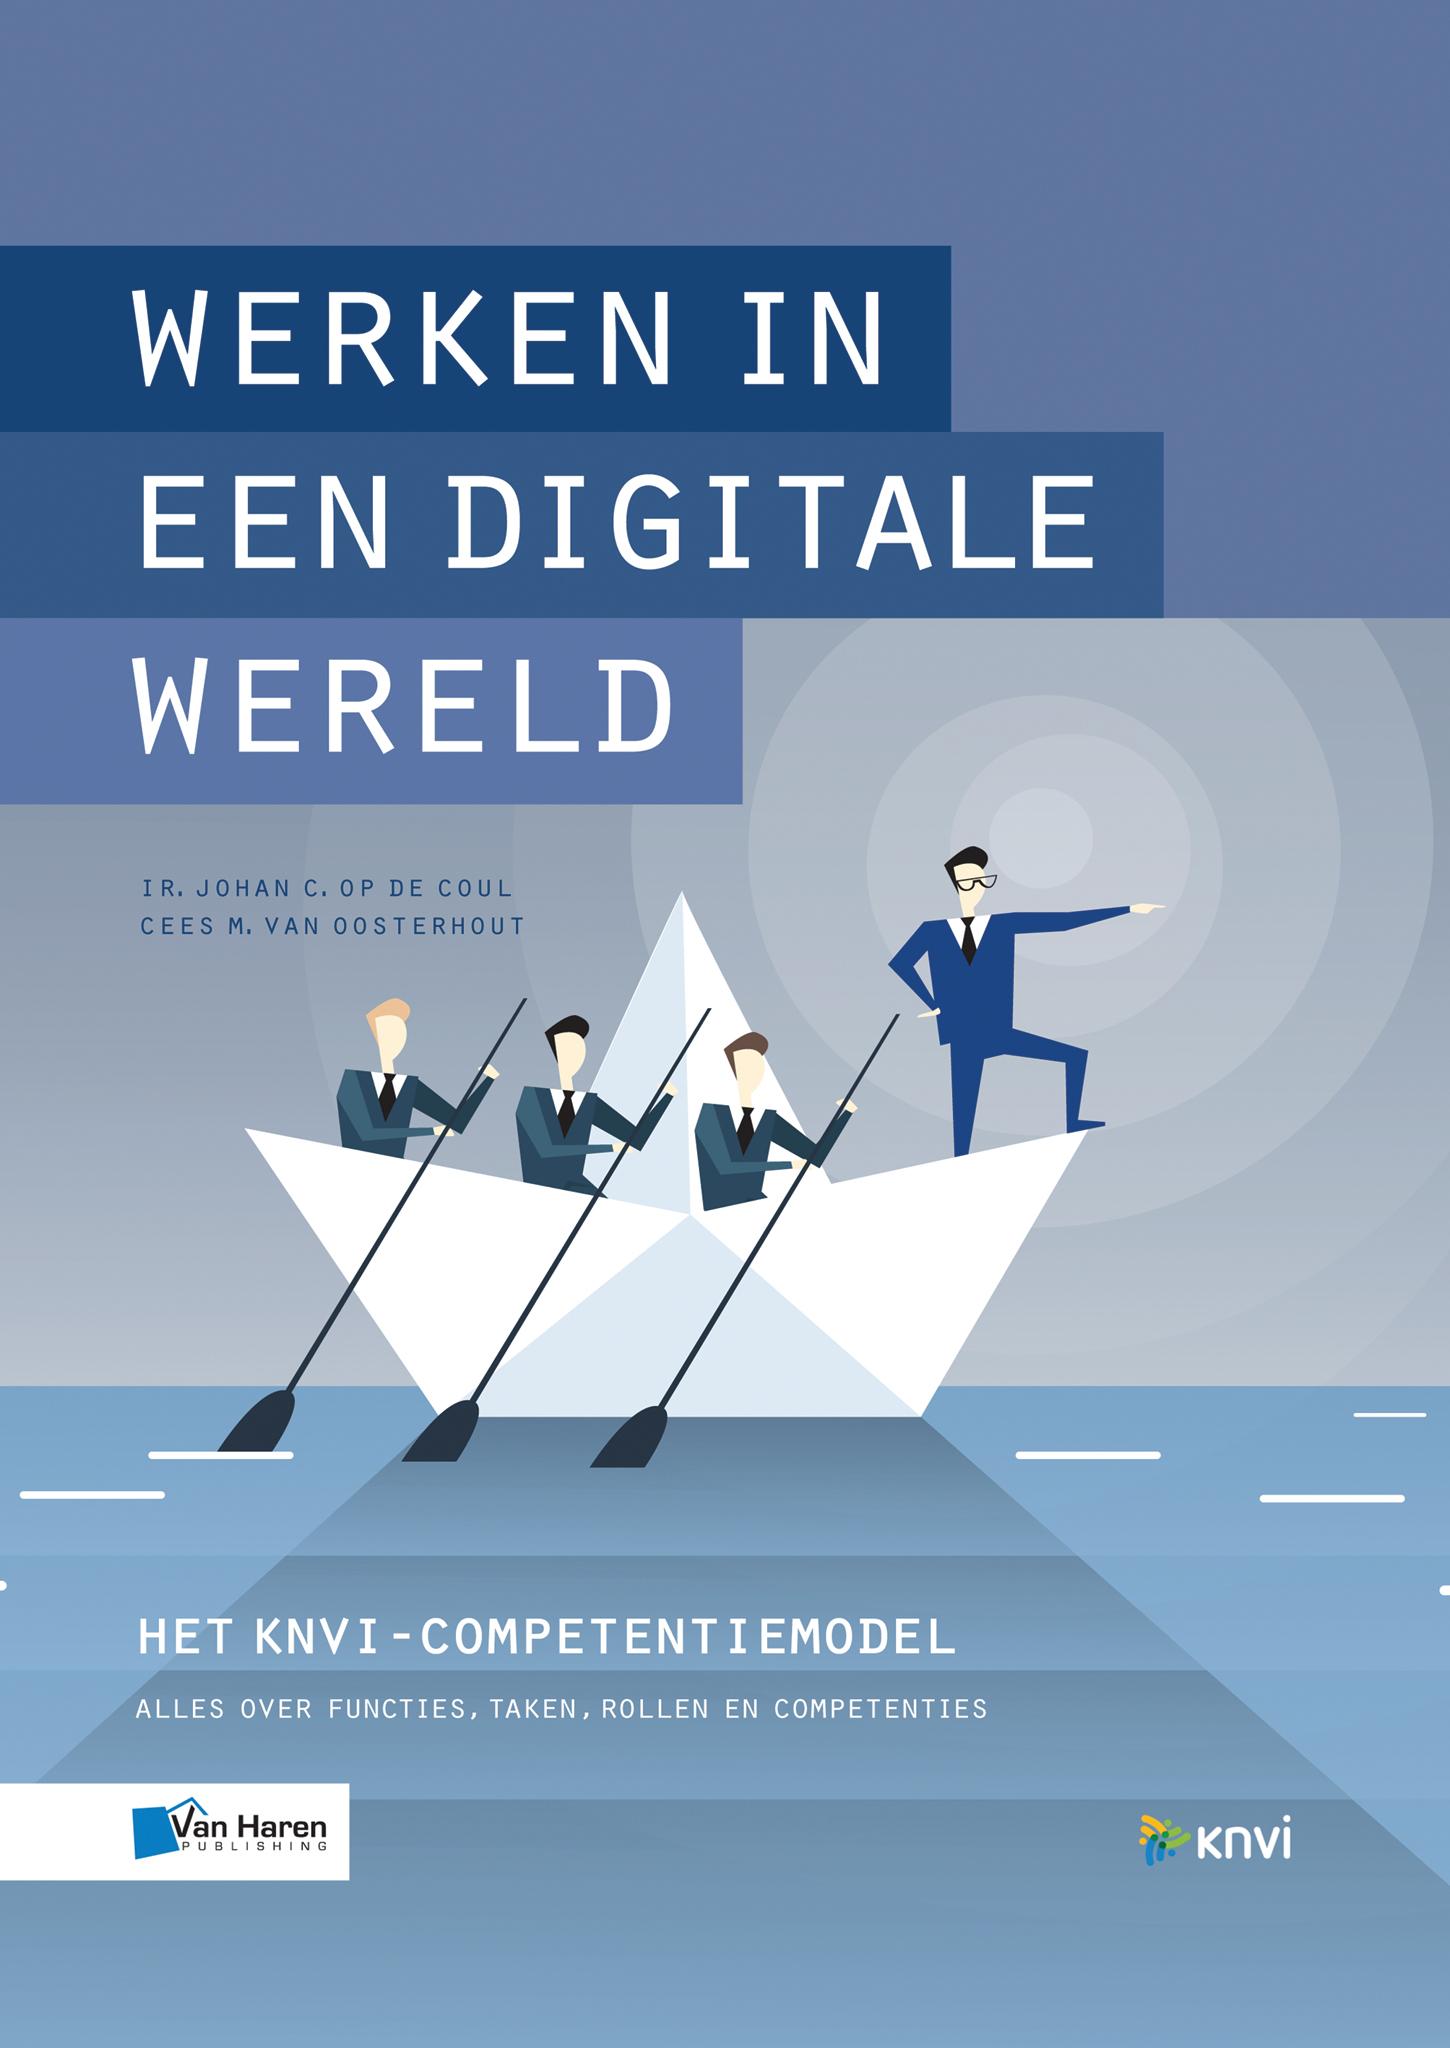 Werken in een digitale wereld – de nieuwe standaard voor informaticafuncties – in 3 minuten